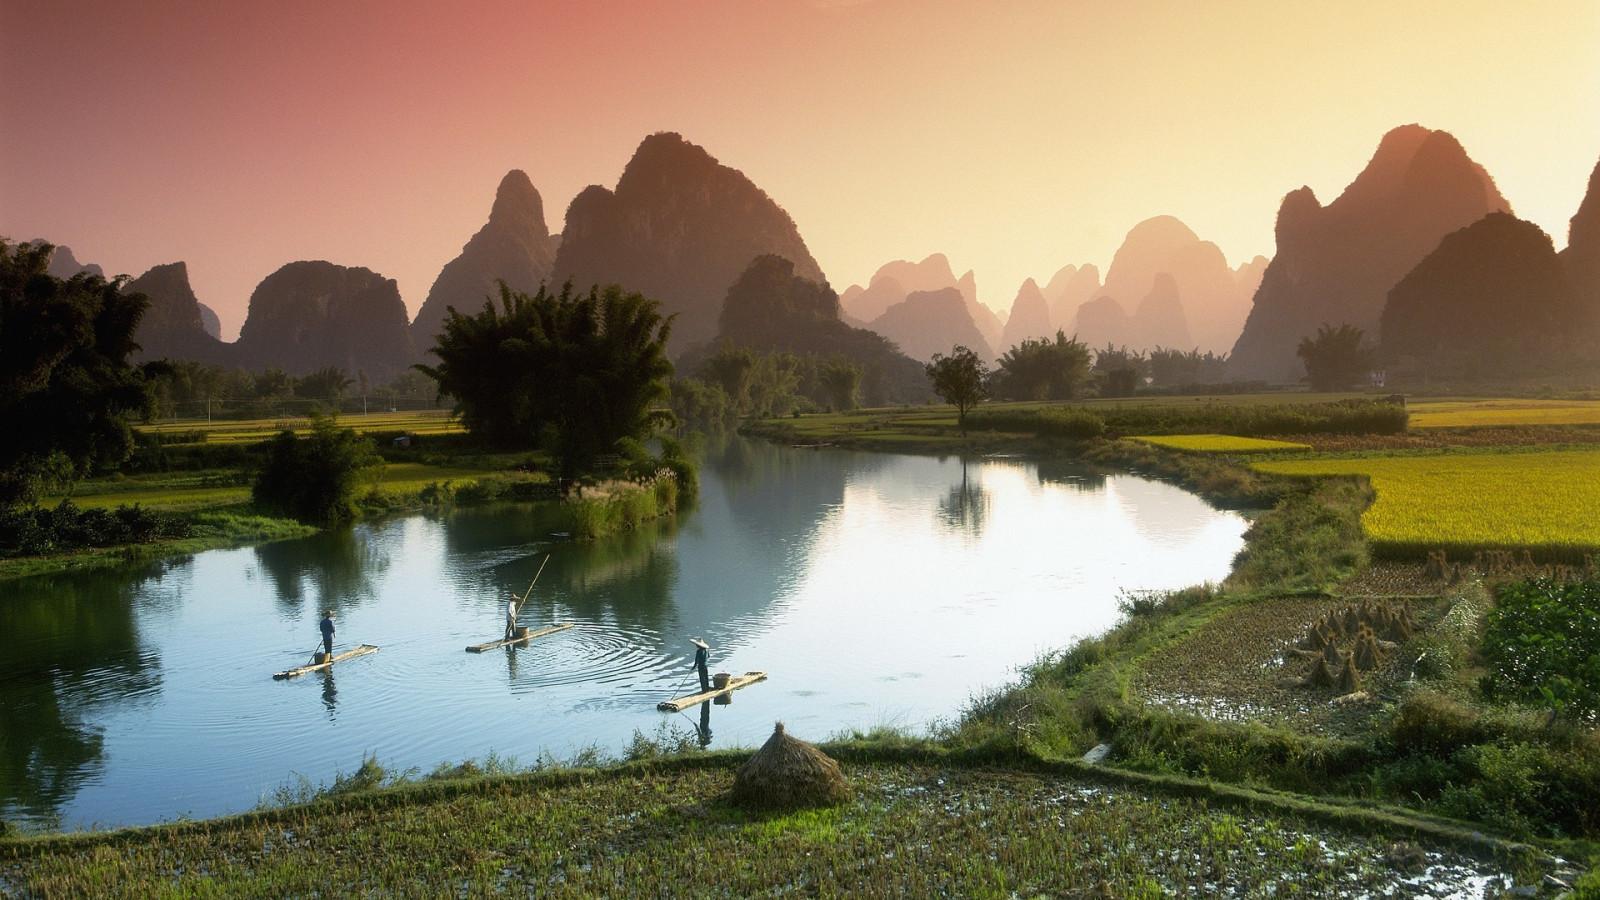 Fond d'écran : 1920x1080 px, Asie, bateaux, champ, forêt, colline, paysage, Hommes, Montagne, la ...